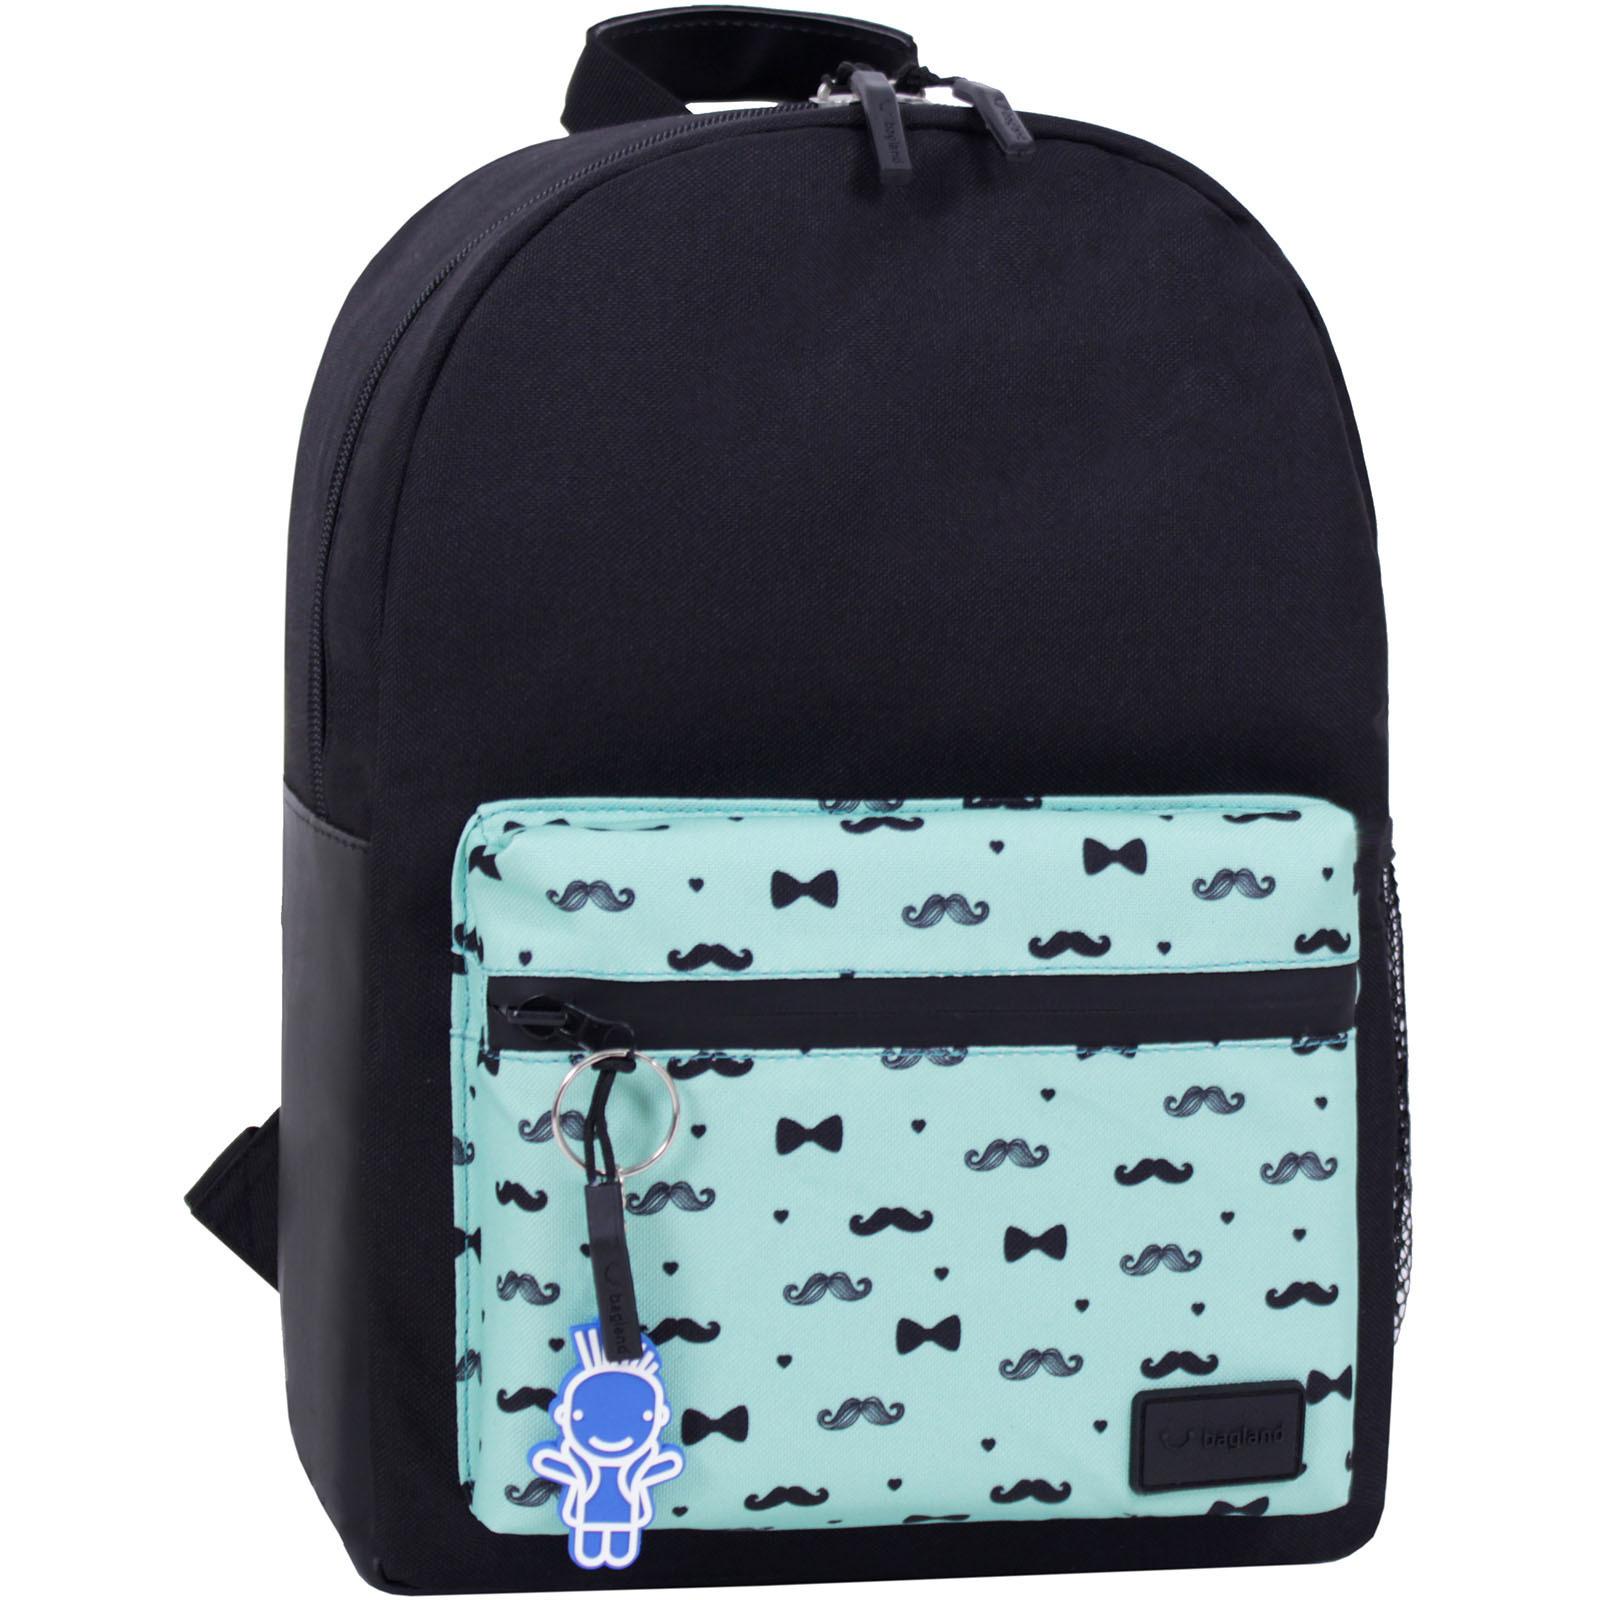 Молодежные рюкзаки Рюкзак Bagland  Frost 13 л. черный сублимация 443 (00540663) IMG_4380_суб.443_.JPG